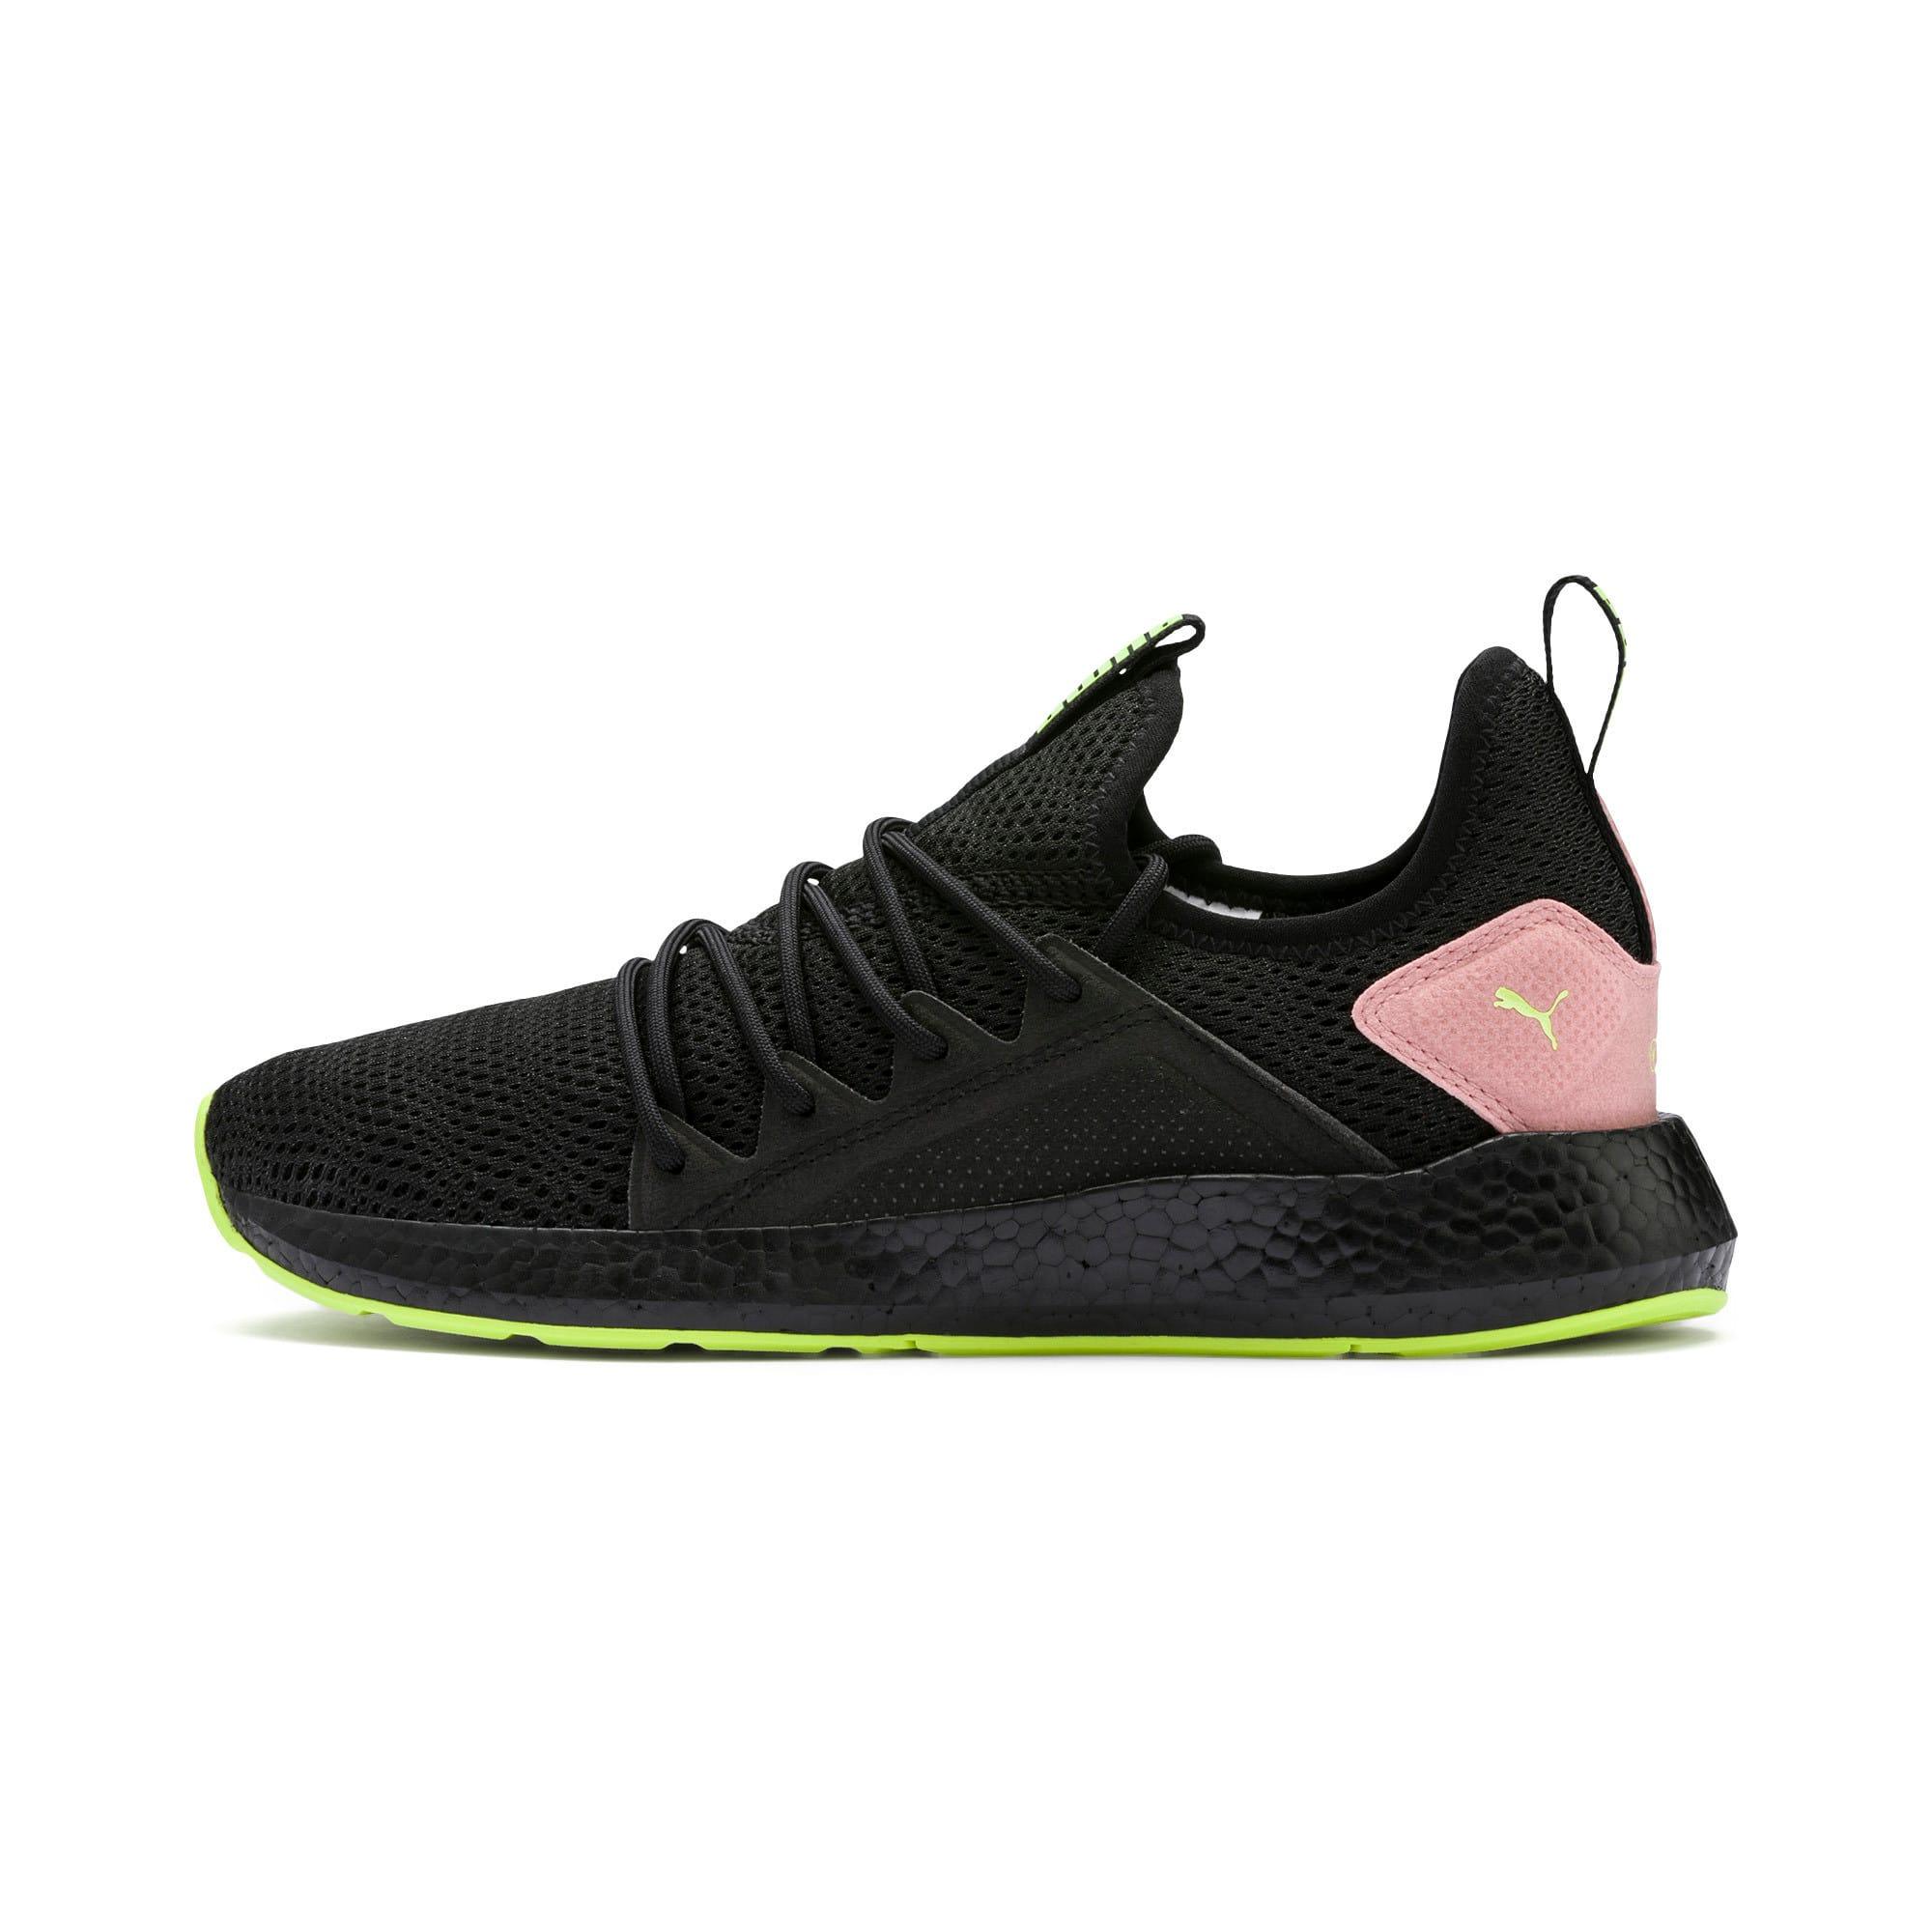 całkowicie stylowy produkty wysokiej jakości najlepiej kochany NRGY Neko Shift Women's Running Shoes